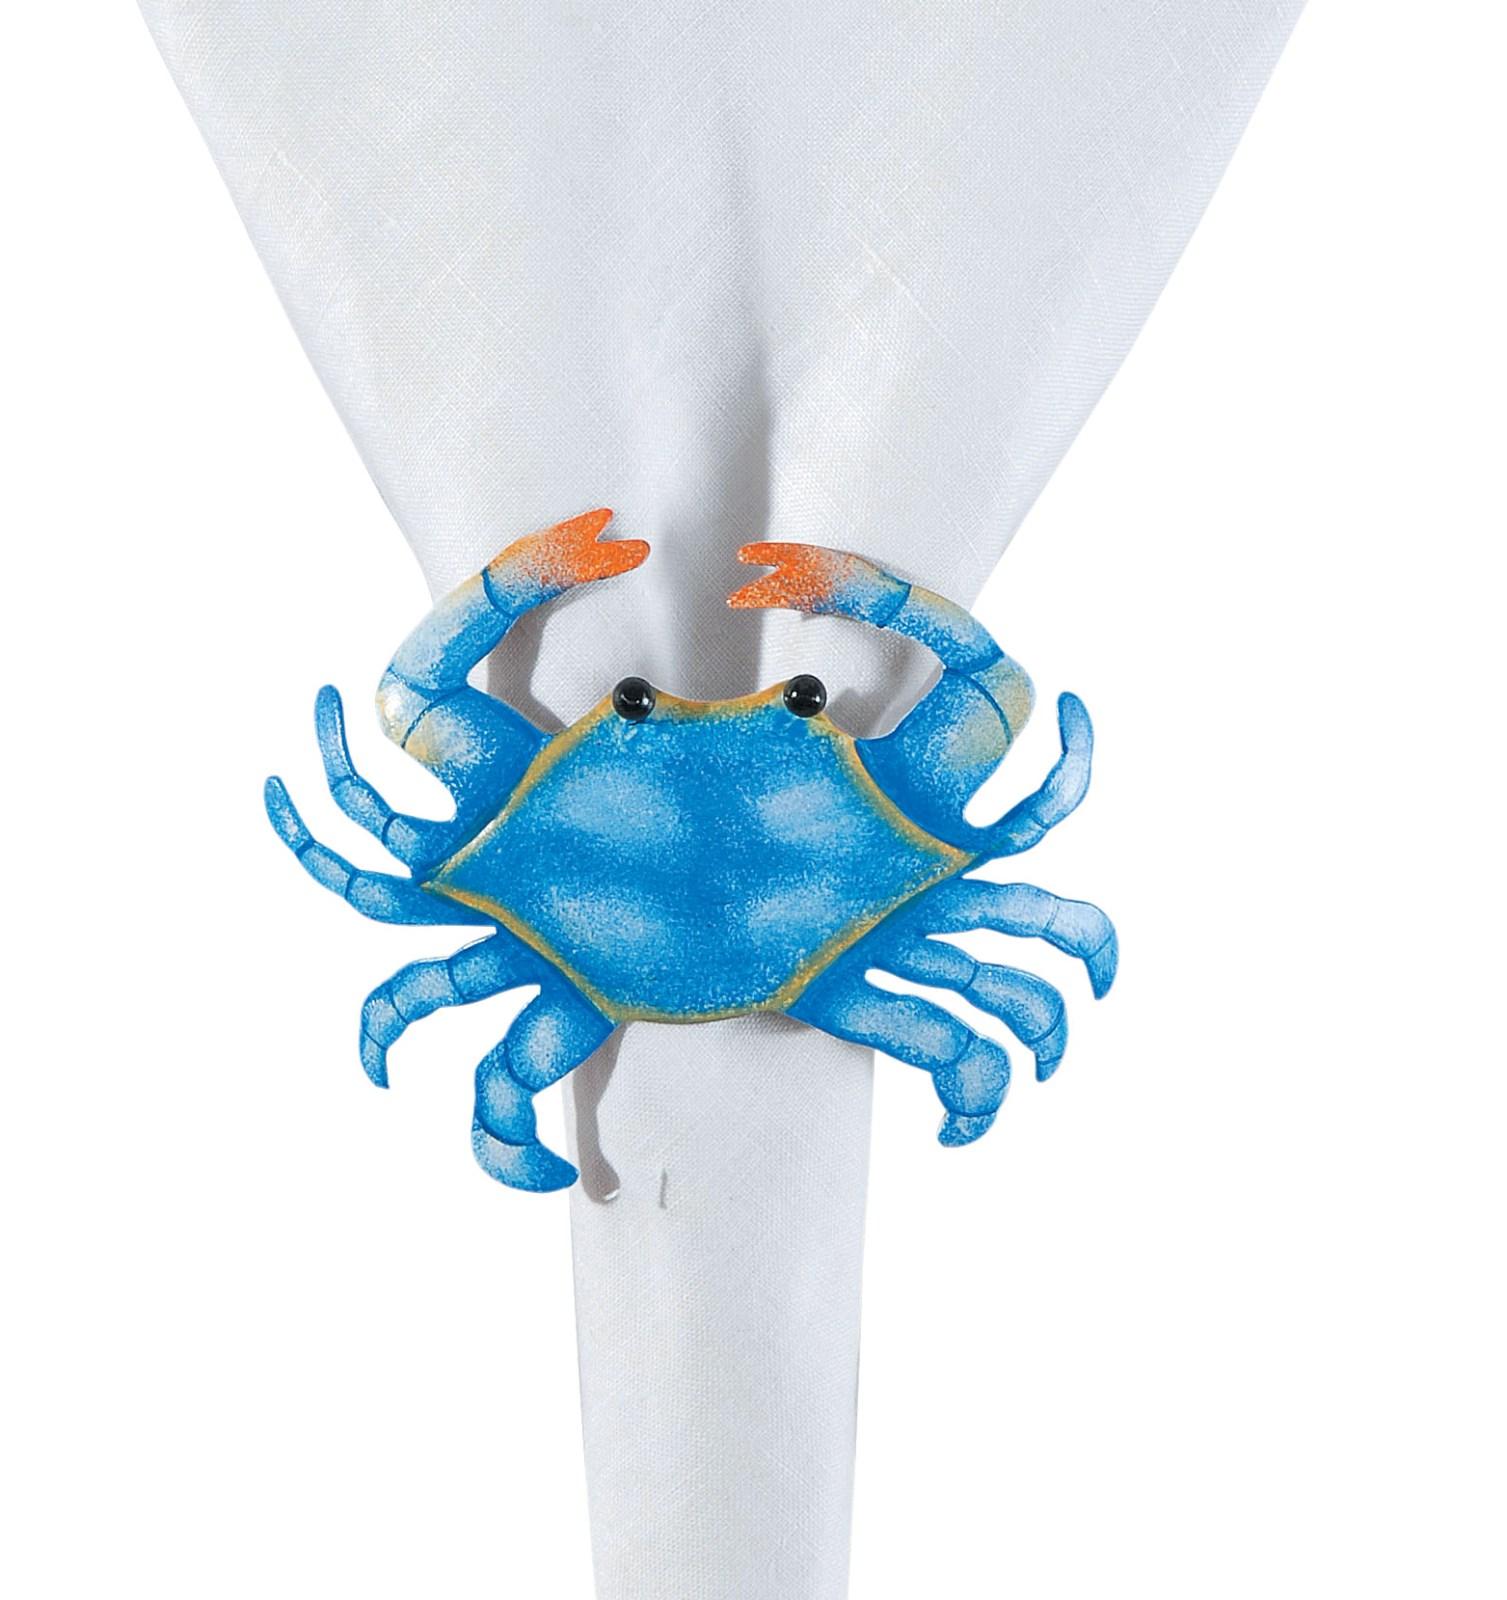 Coastal Maryland Blue Crabs Shaped Napkin Rings Set of 4